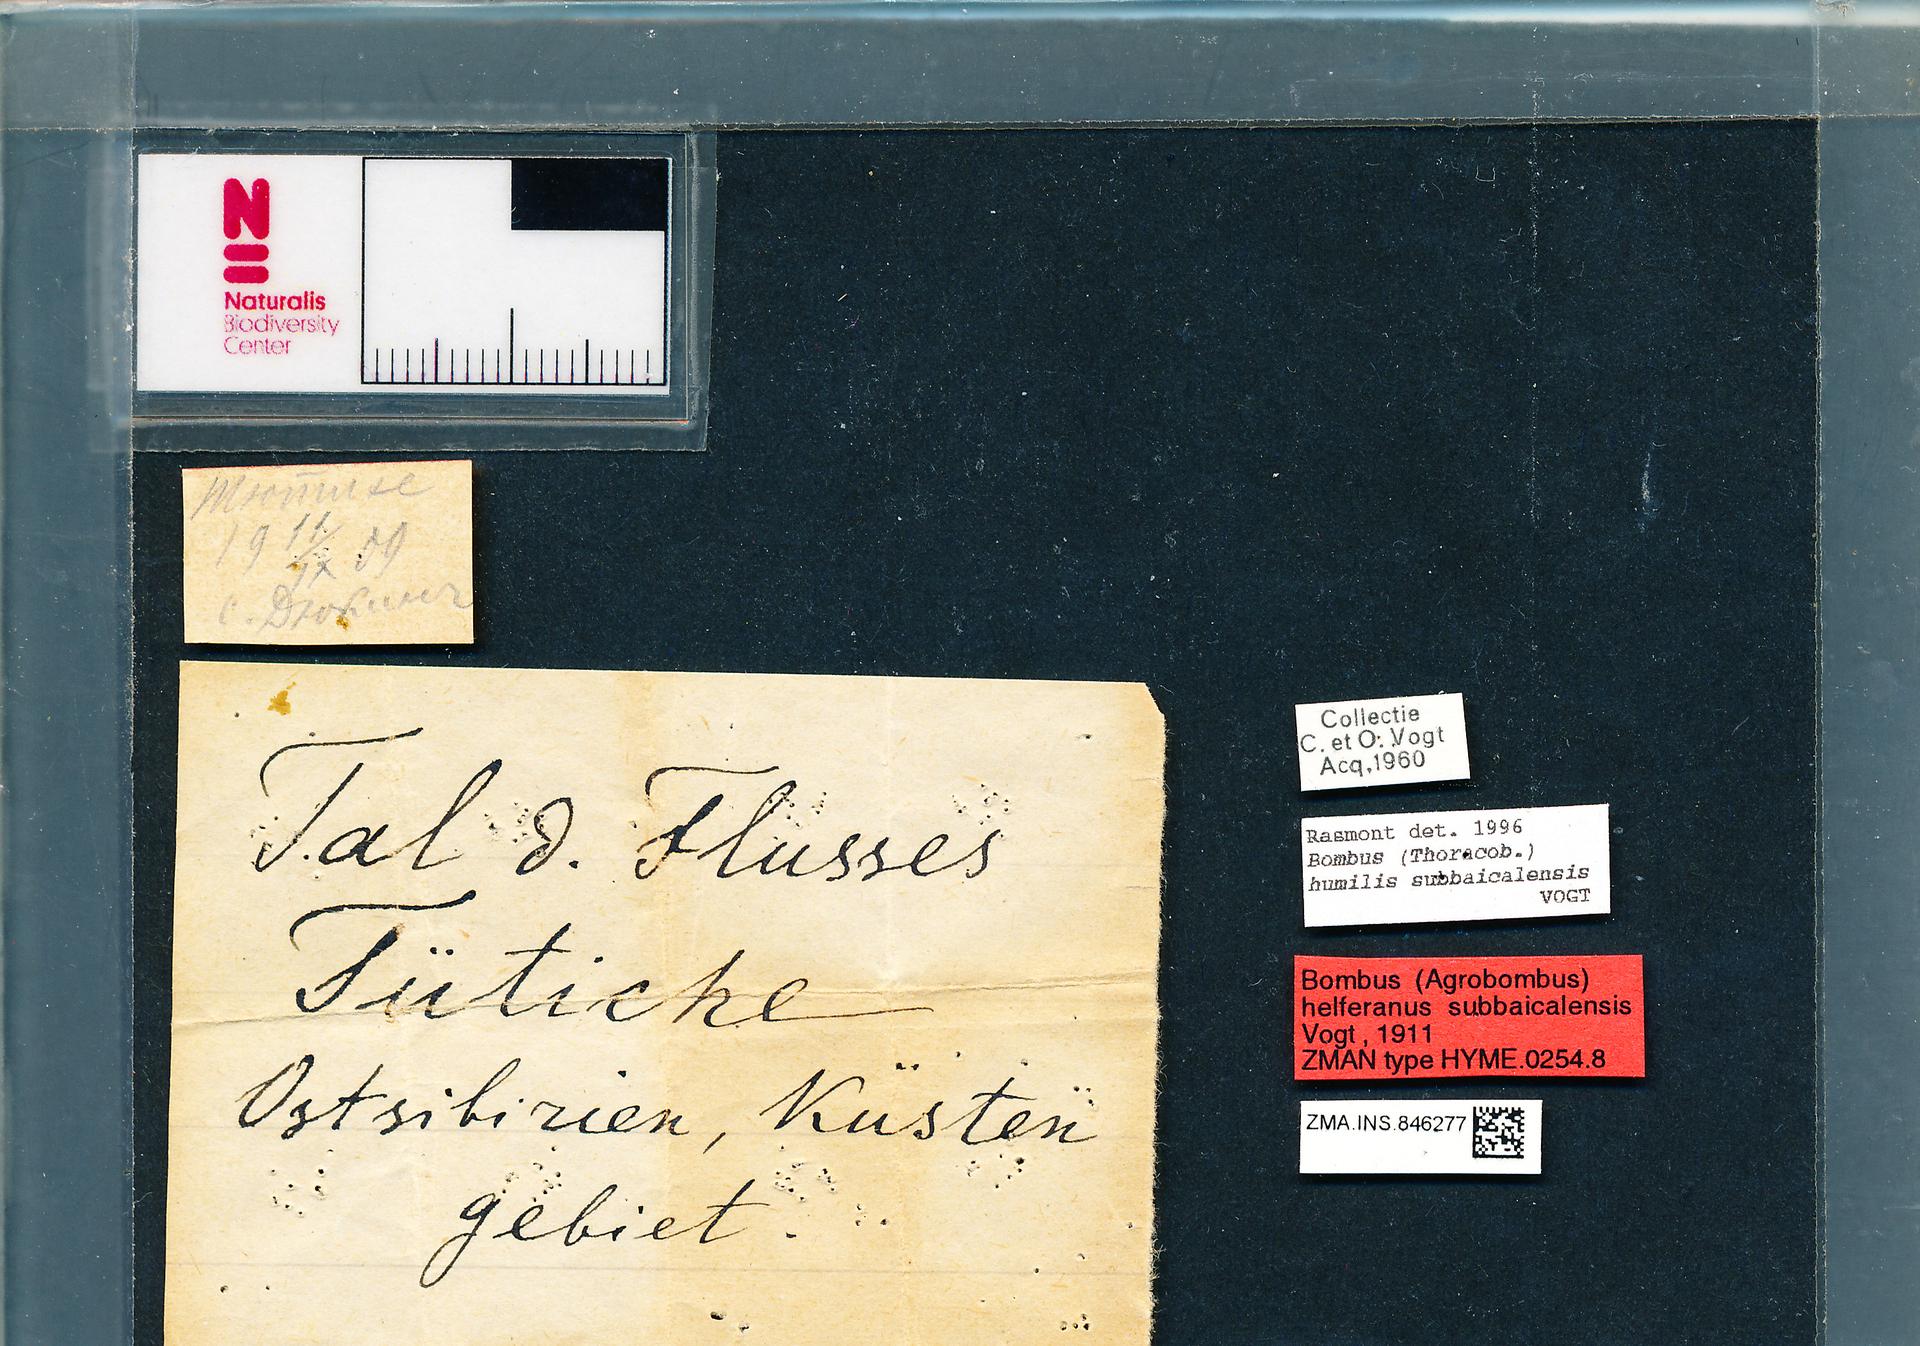 ZMA.INS.846277 | Bombus (Thoracobombus) humilis subbaicalensis Vogt, 1911